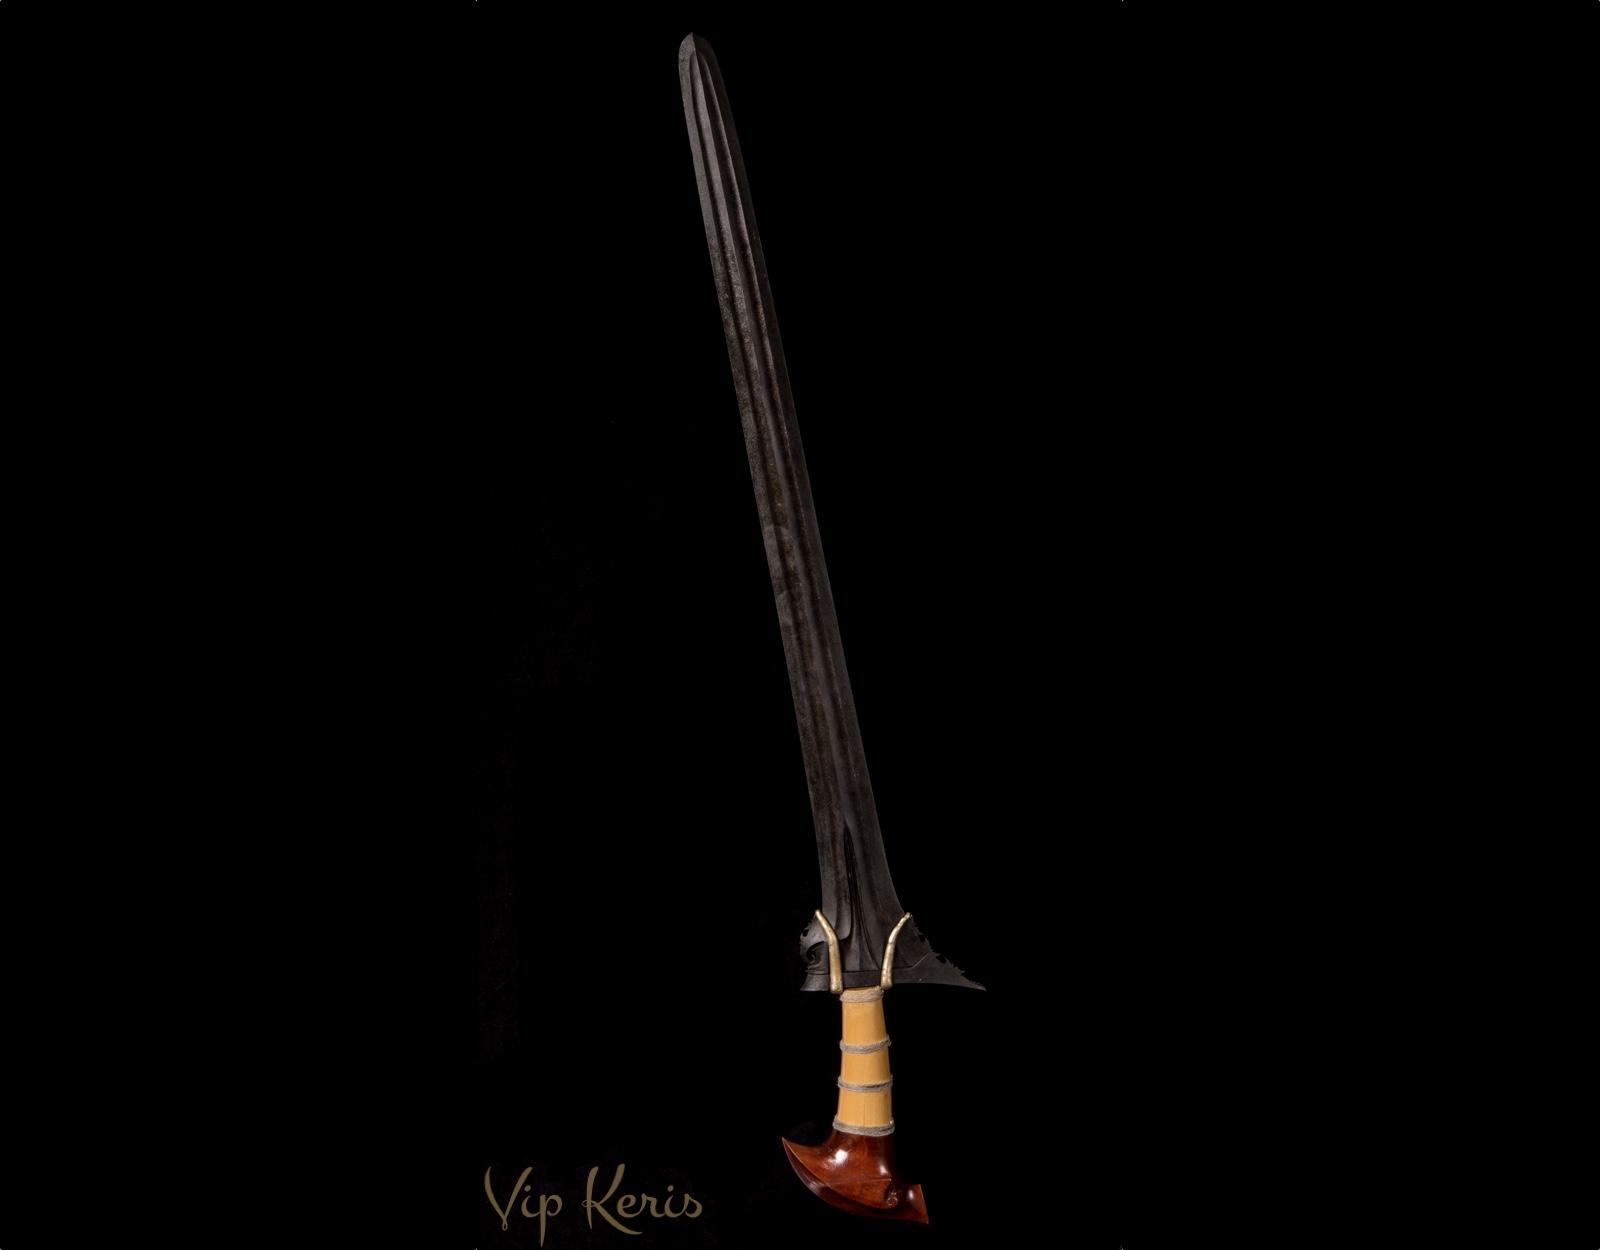 Кинжал Крис Moro Sundang фото VipKeris